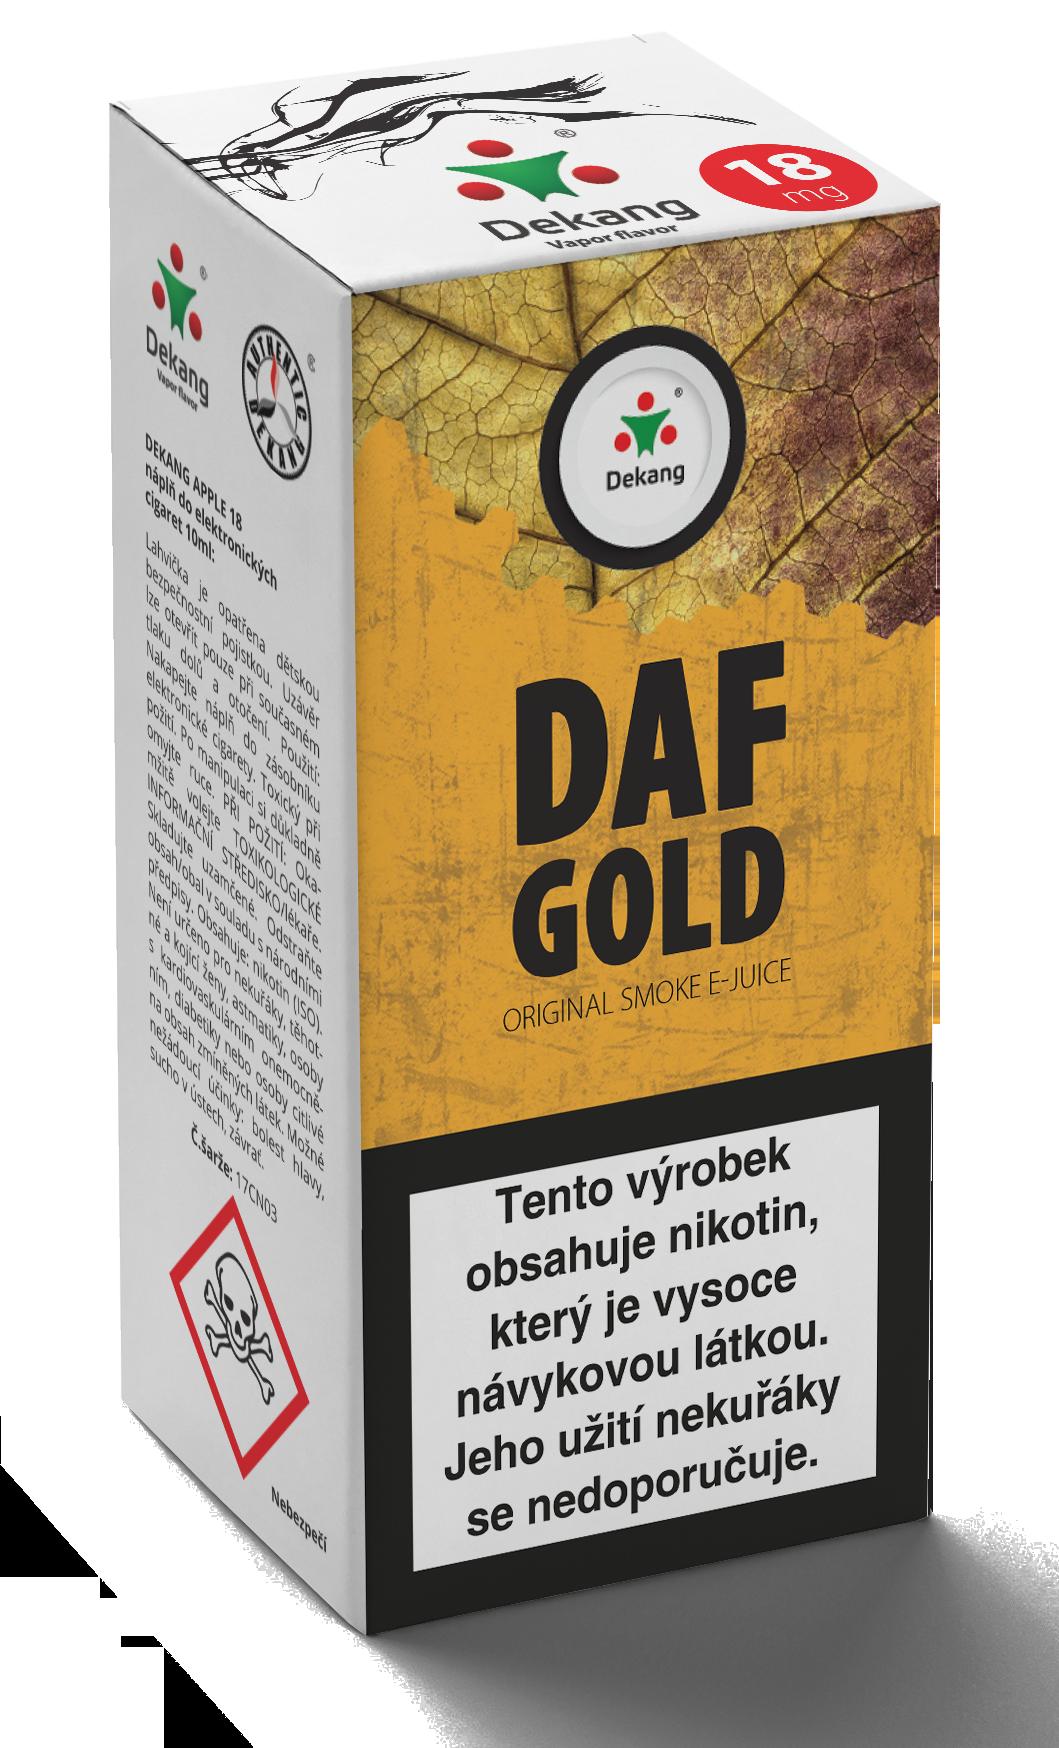 E-liquid Dekang 10ml Daf Gold Množství nikotinu: 0mg